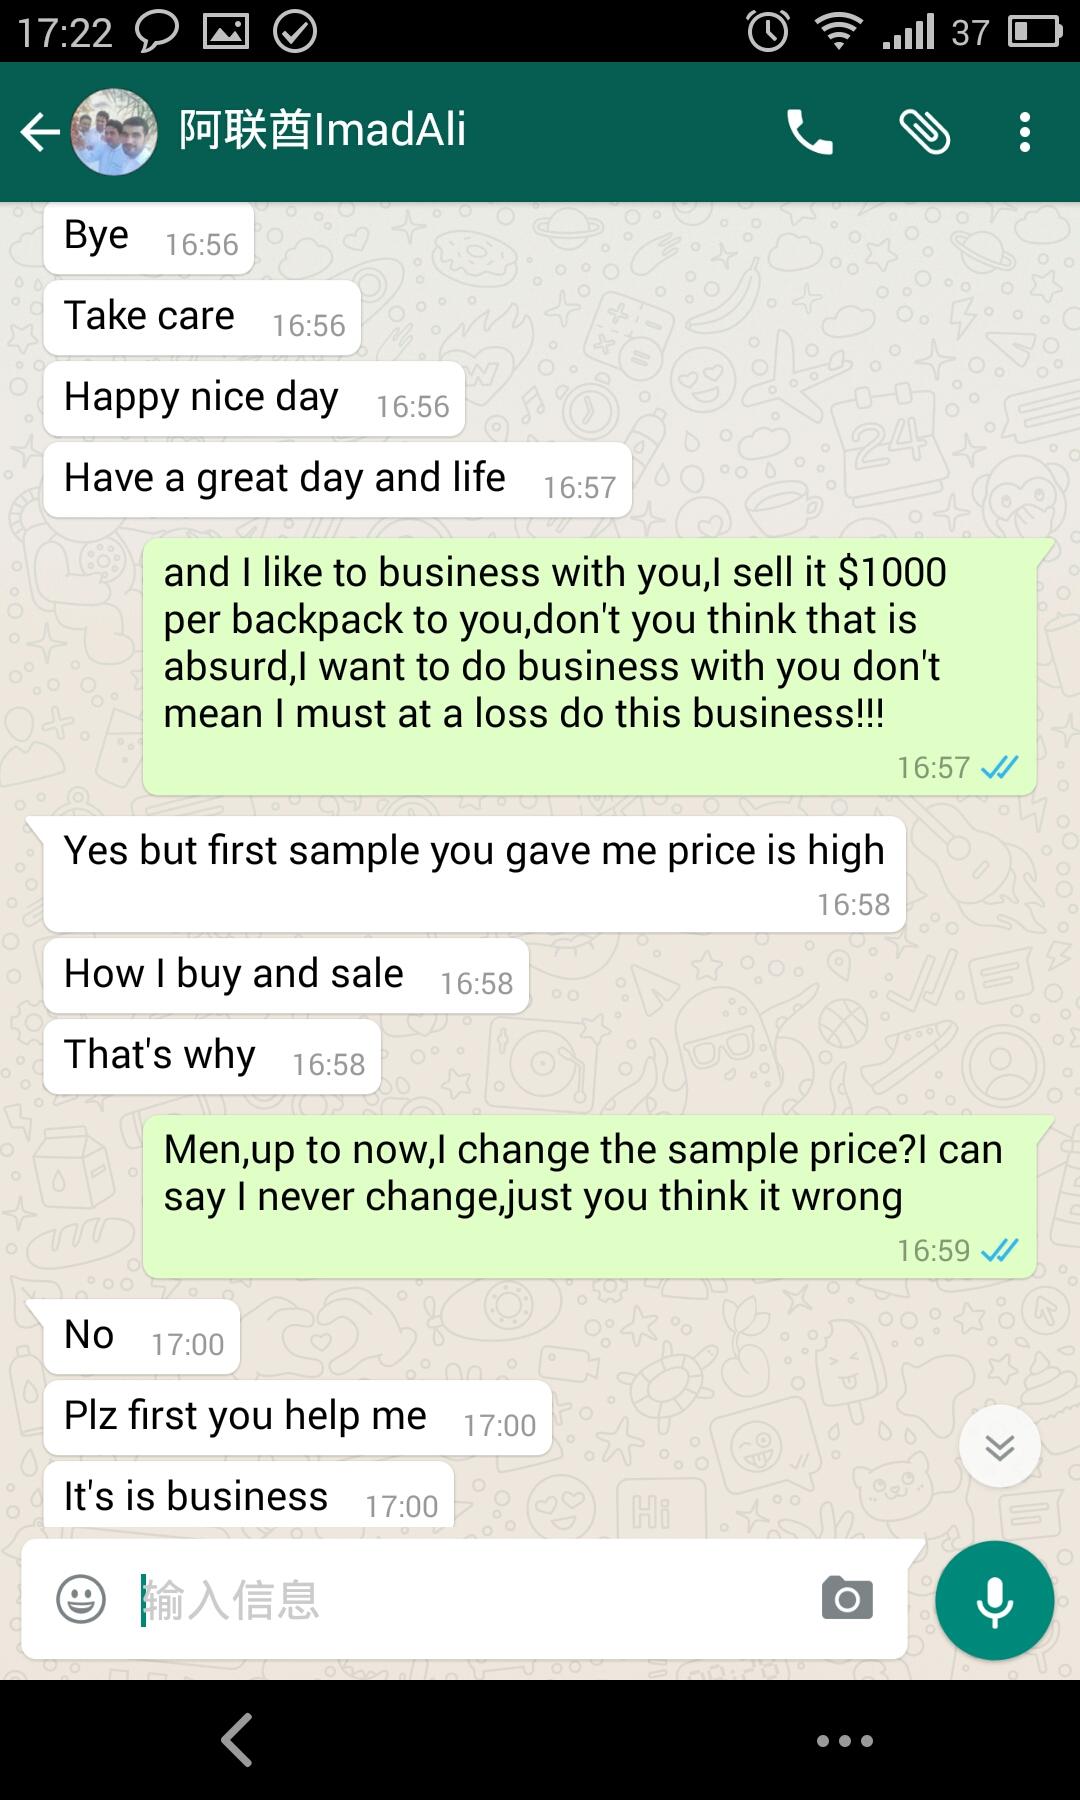 我也想跟你做生意,我卖你1000美元一个包,给你面子吧?